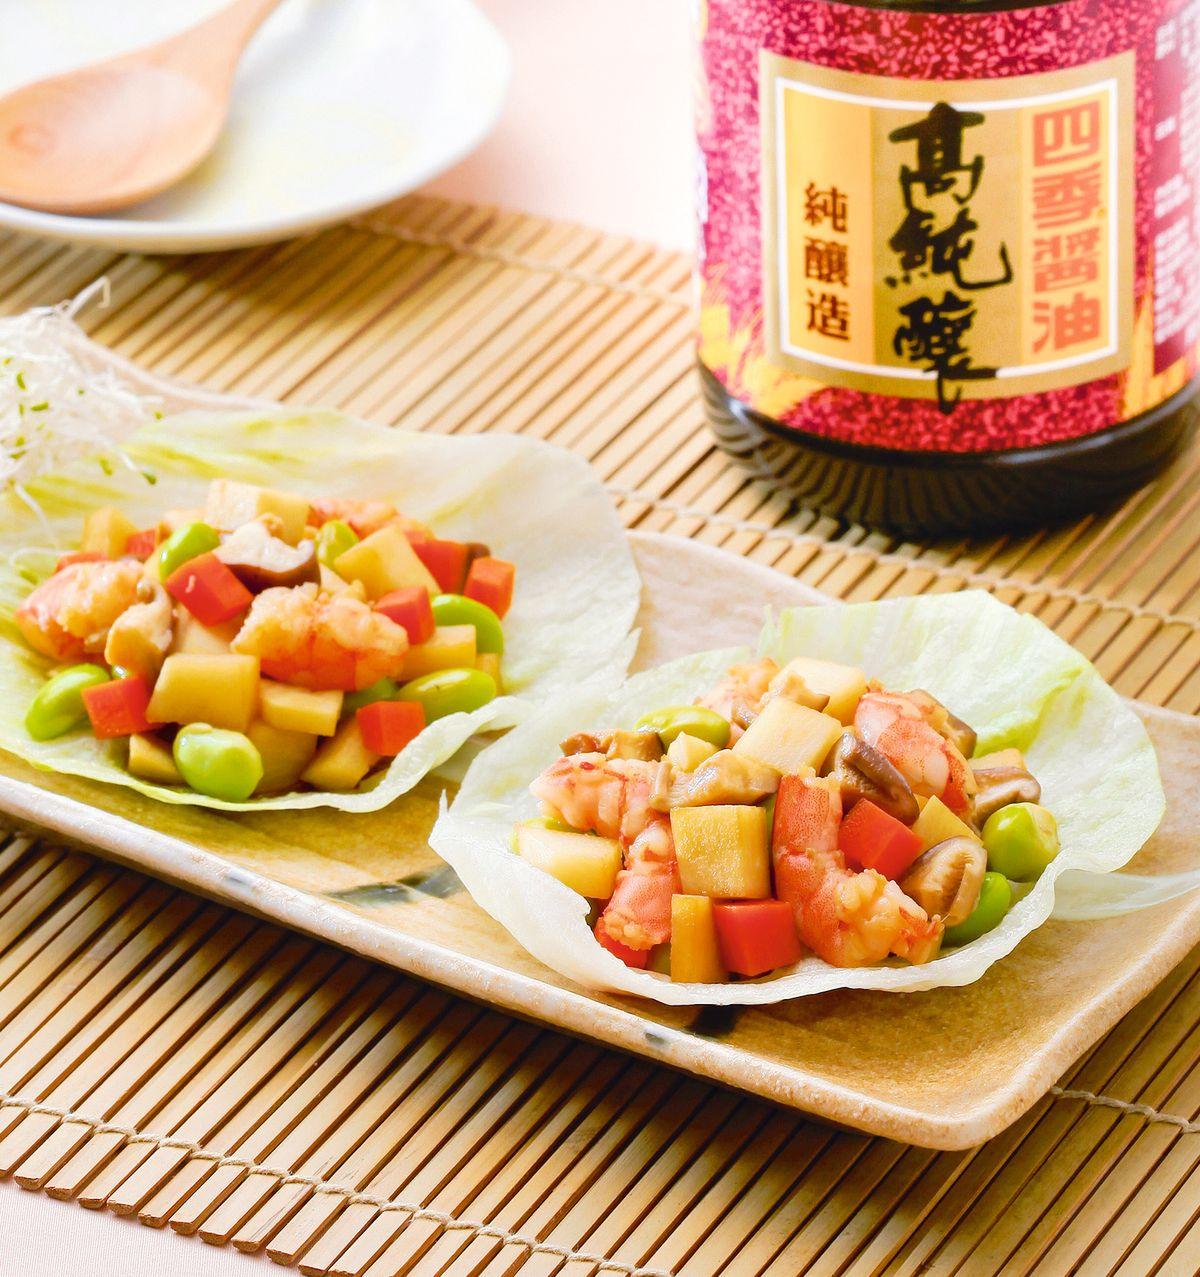 食譜:什蔬筍丁蝦鬆